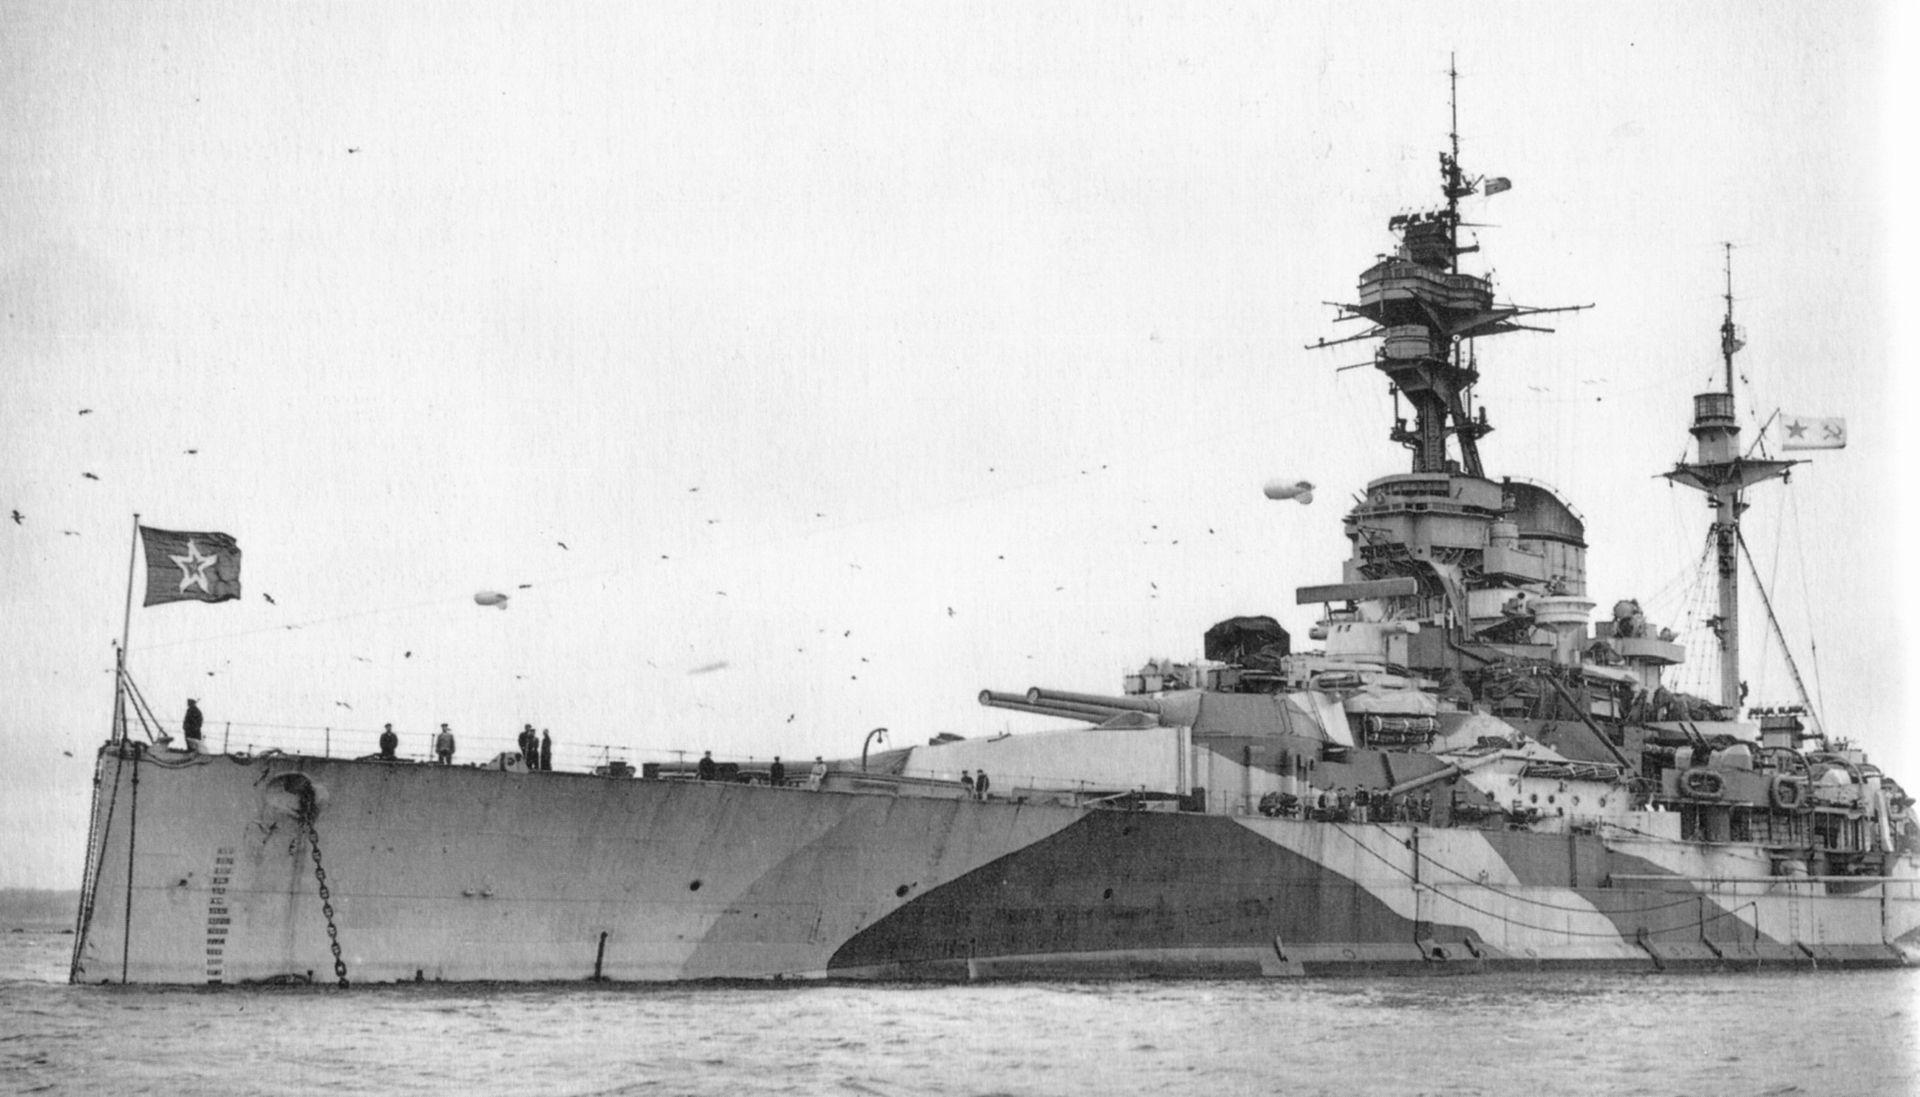 Entfernungsmesser Schlachtschiff : Trumpeter modellbausatz schlachtschiff bismarck länge